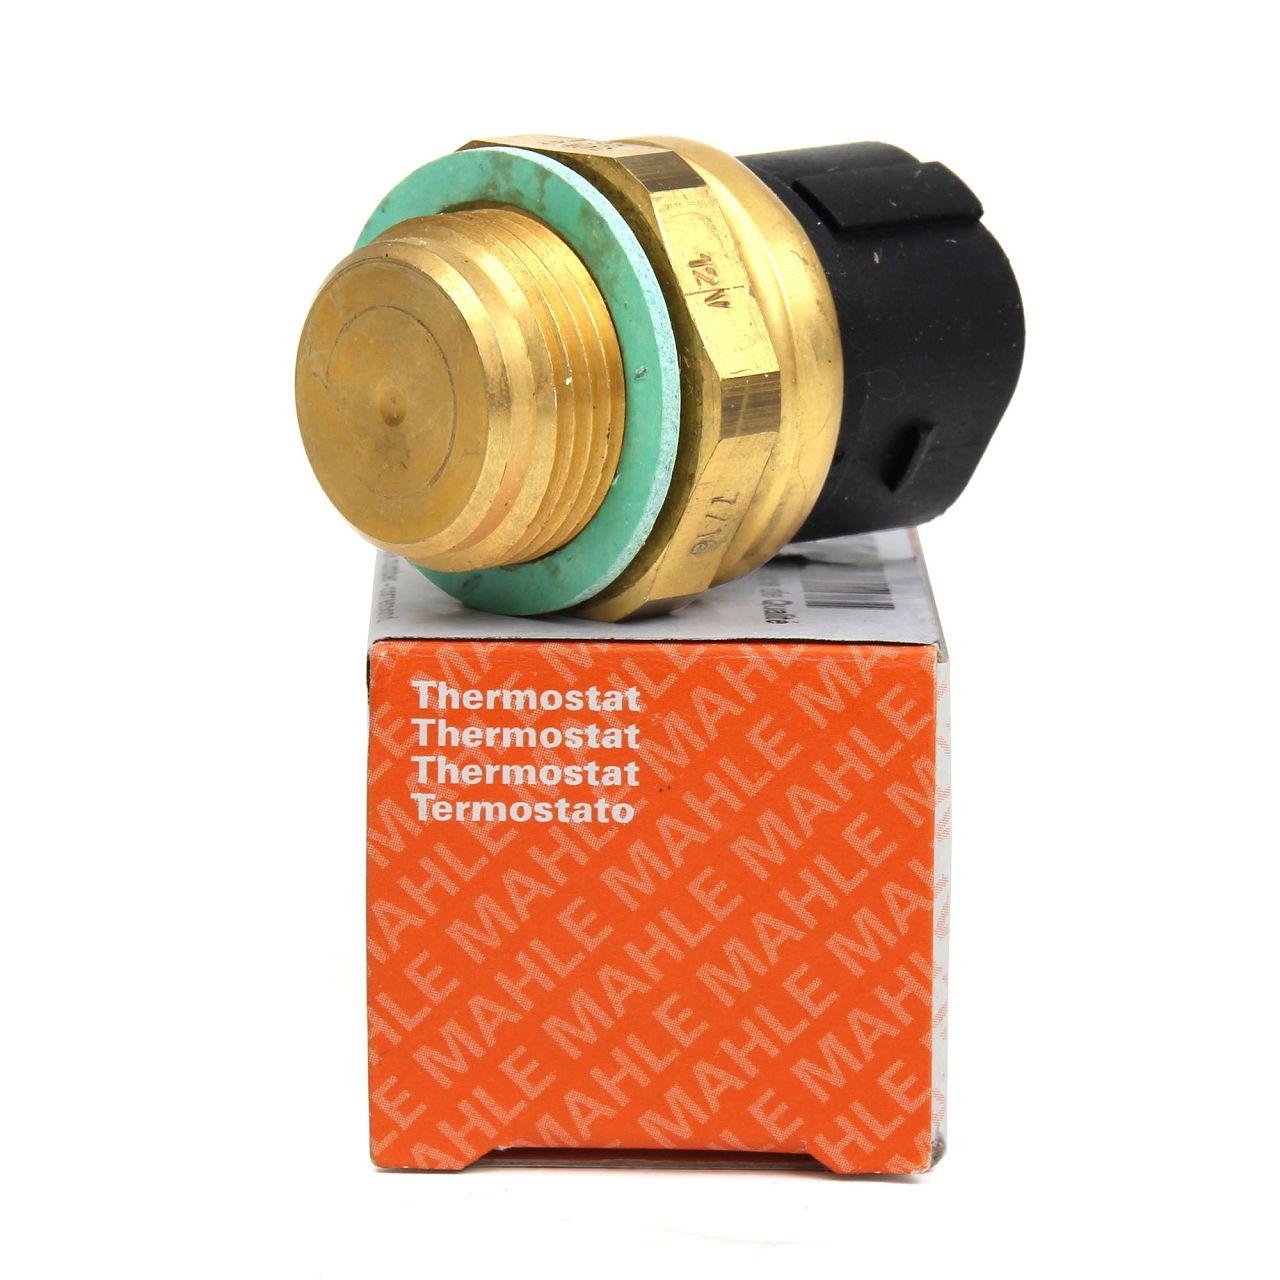 BEHR MAHLE Thermoschalter Motorkühler TSW48D für VW AUDI SEAT SKODA 1H0959481B